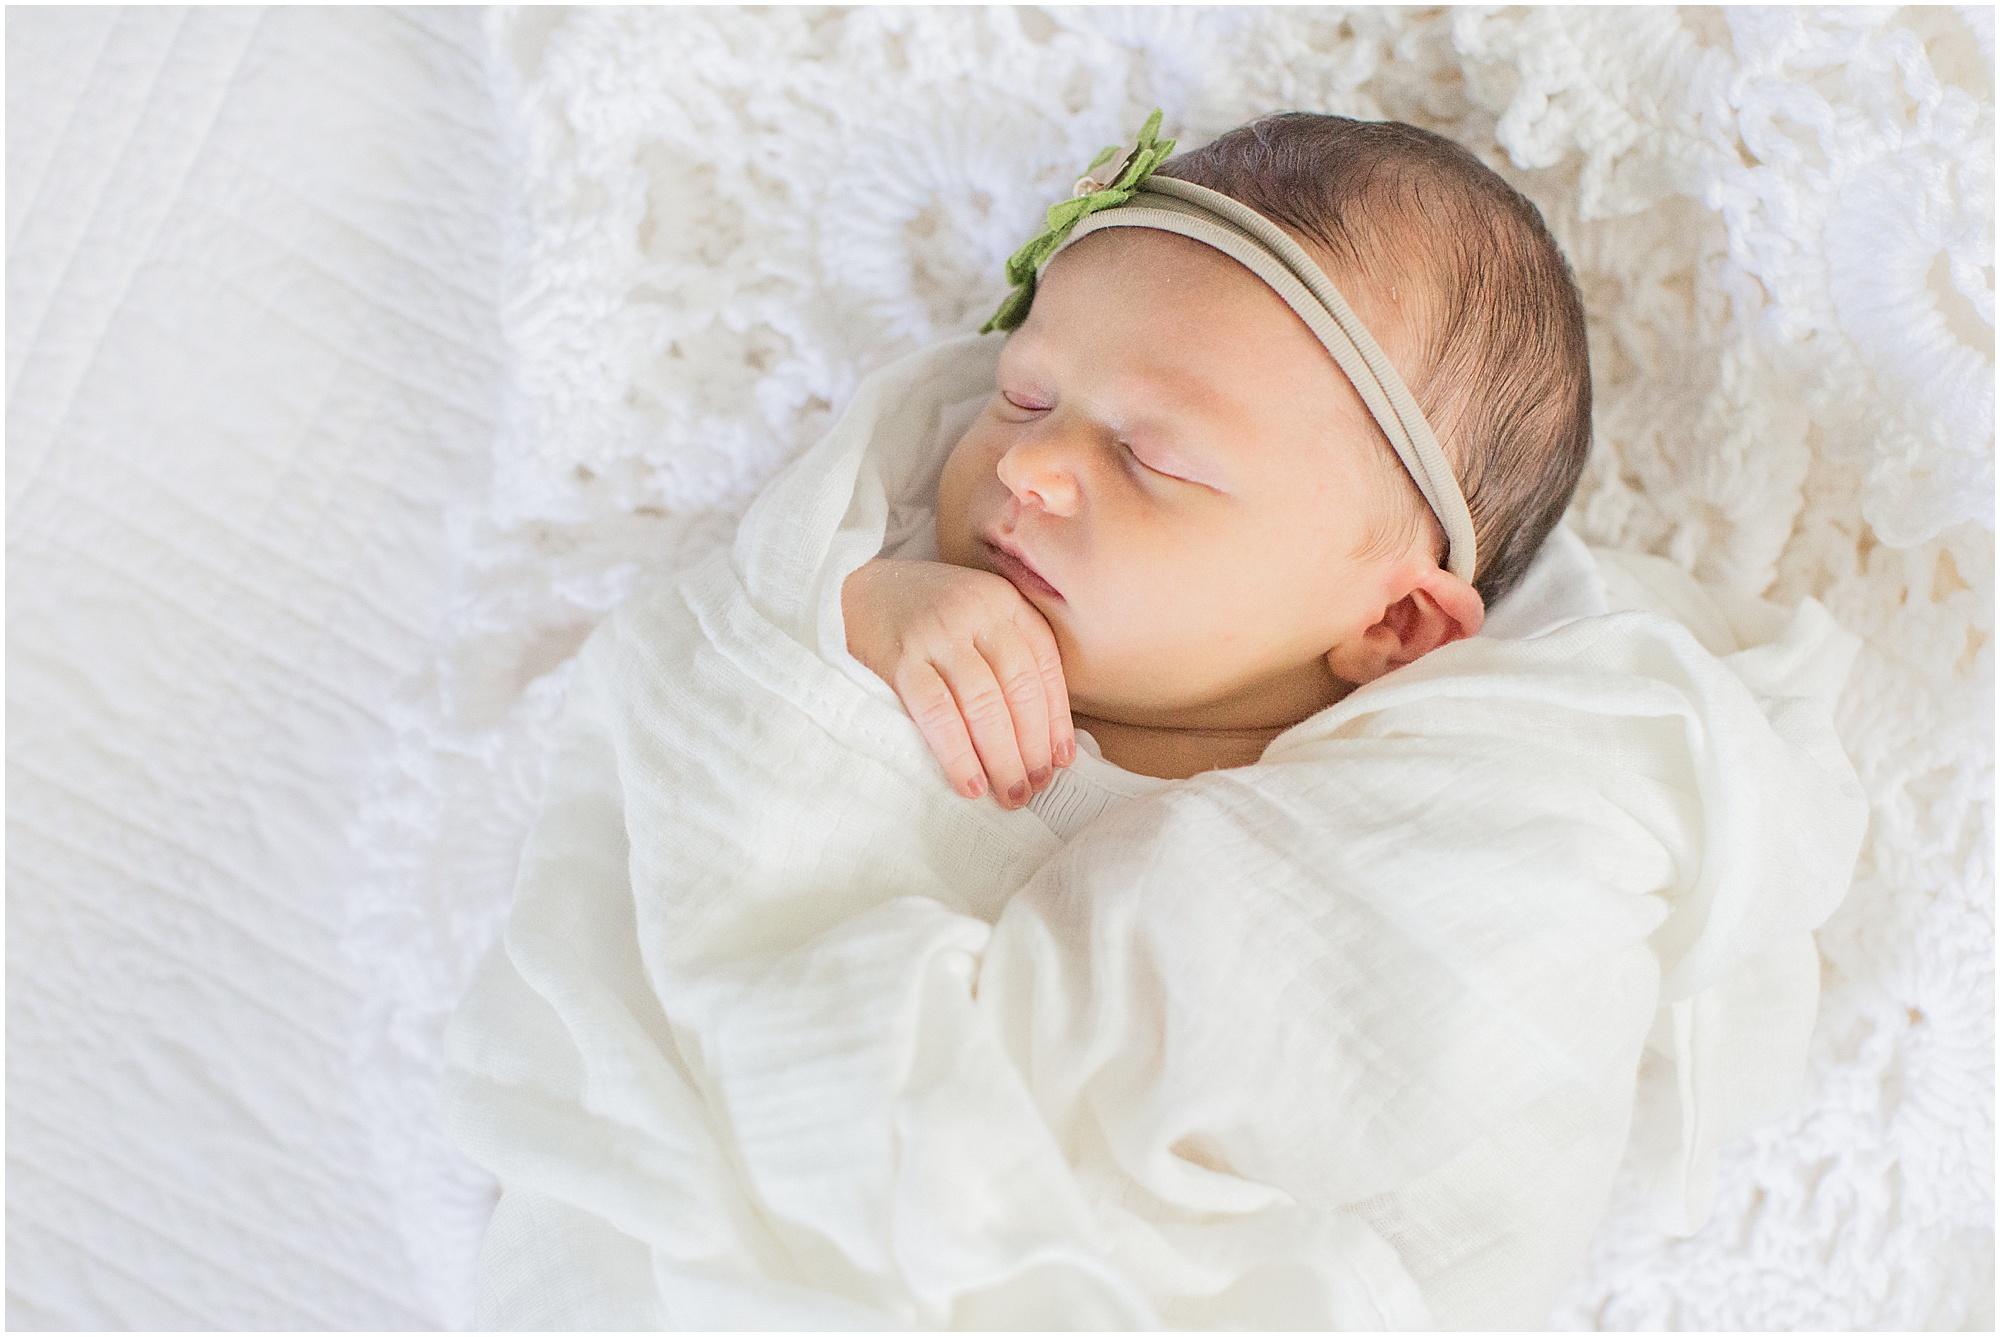 mississippi-newborn-family-photographer_0020.jpg